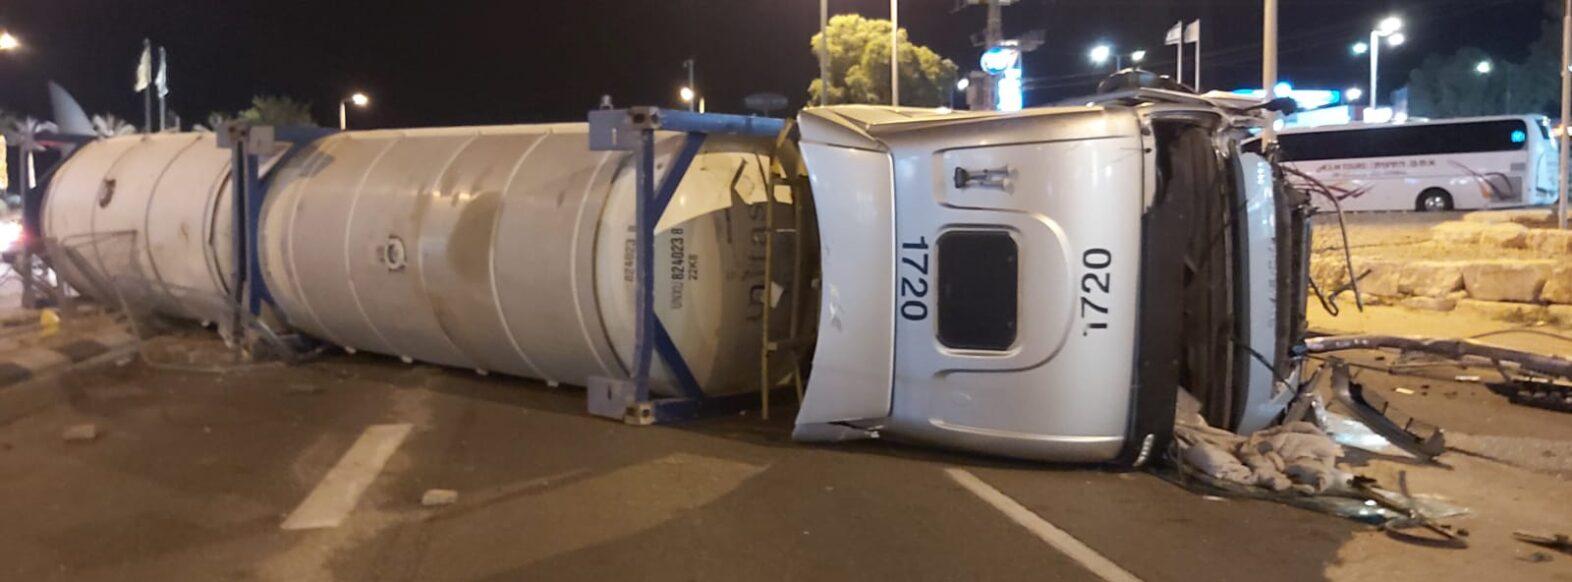 """נהג מקריית מוצקין חשוד נעצר לאחר שסירב לערוך בדיקה אלכוהול בעקבות מעורבותו בהתהפכות משאית חומ""""ס"""